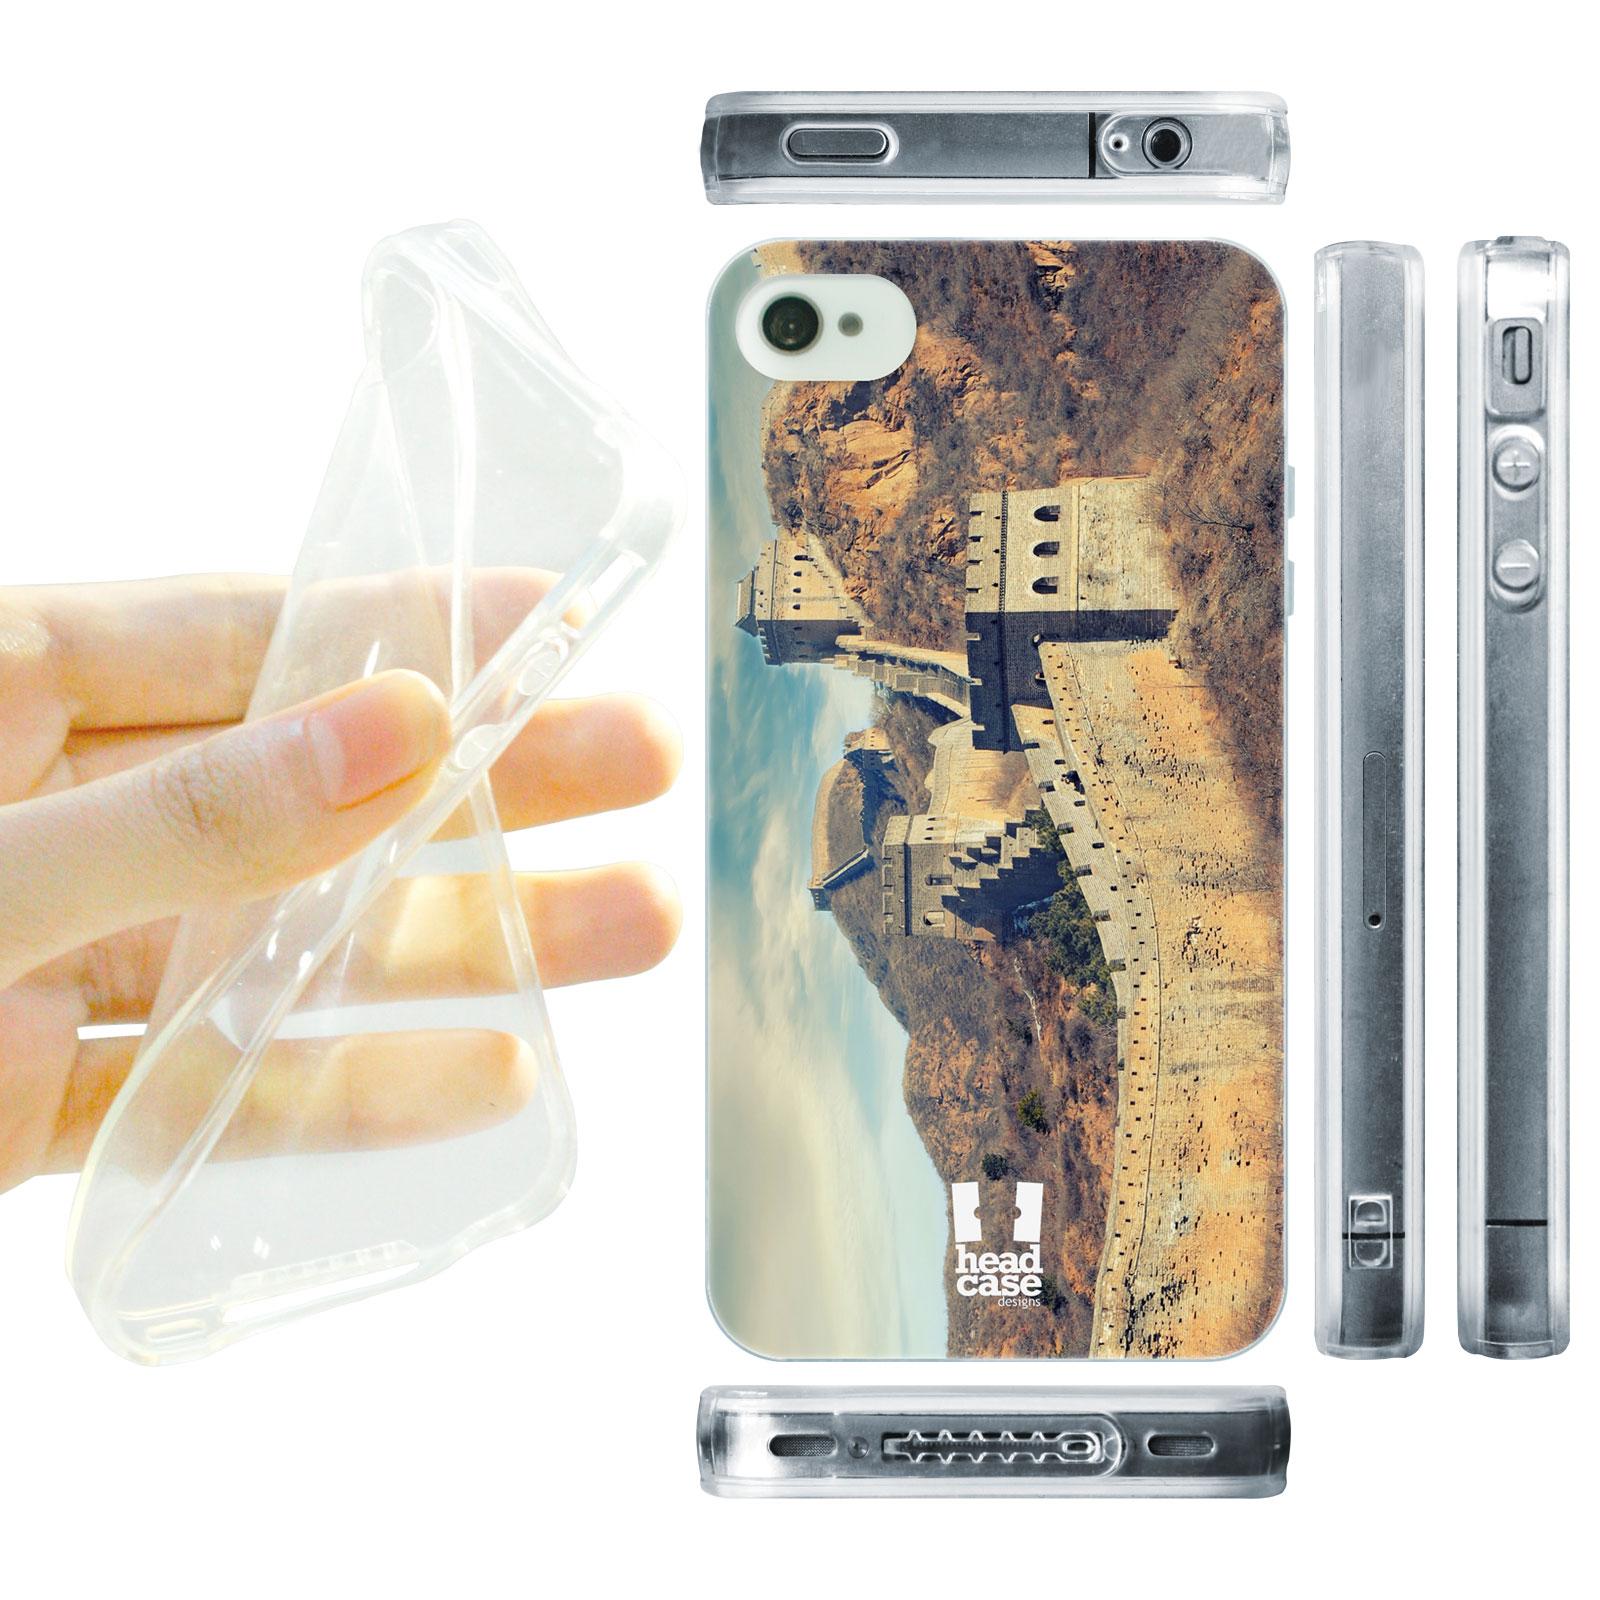 HEAD CASE silikonový obal na mobil Iphone 4/4S foto velká Čínská zeď